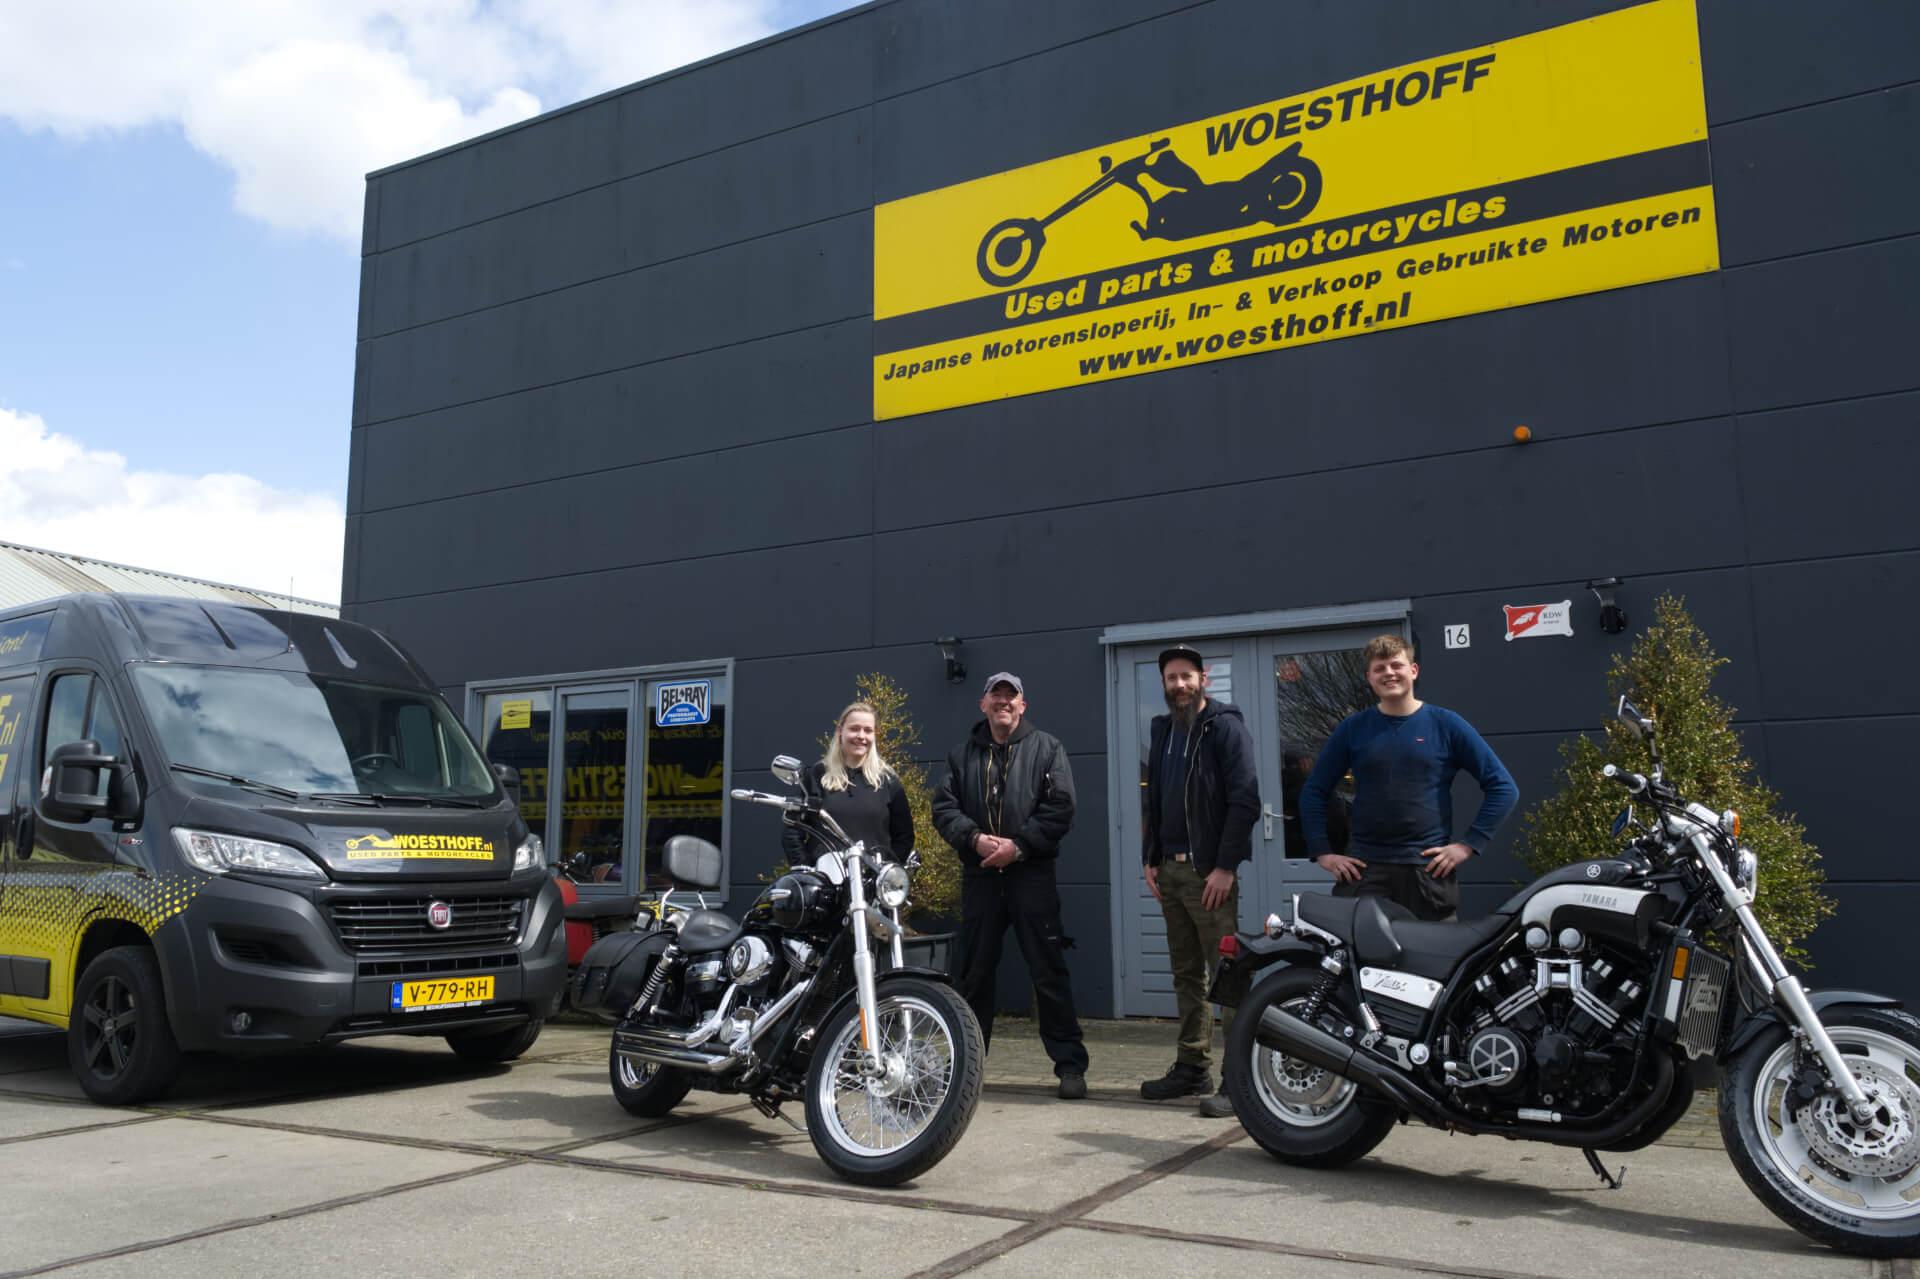 Woesthoff Used Parts & Motorcycles te Brummen - Team foto